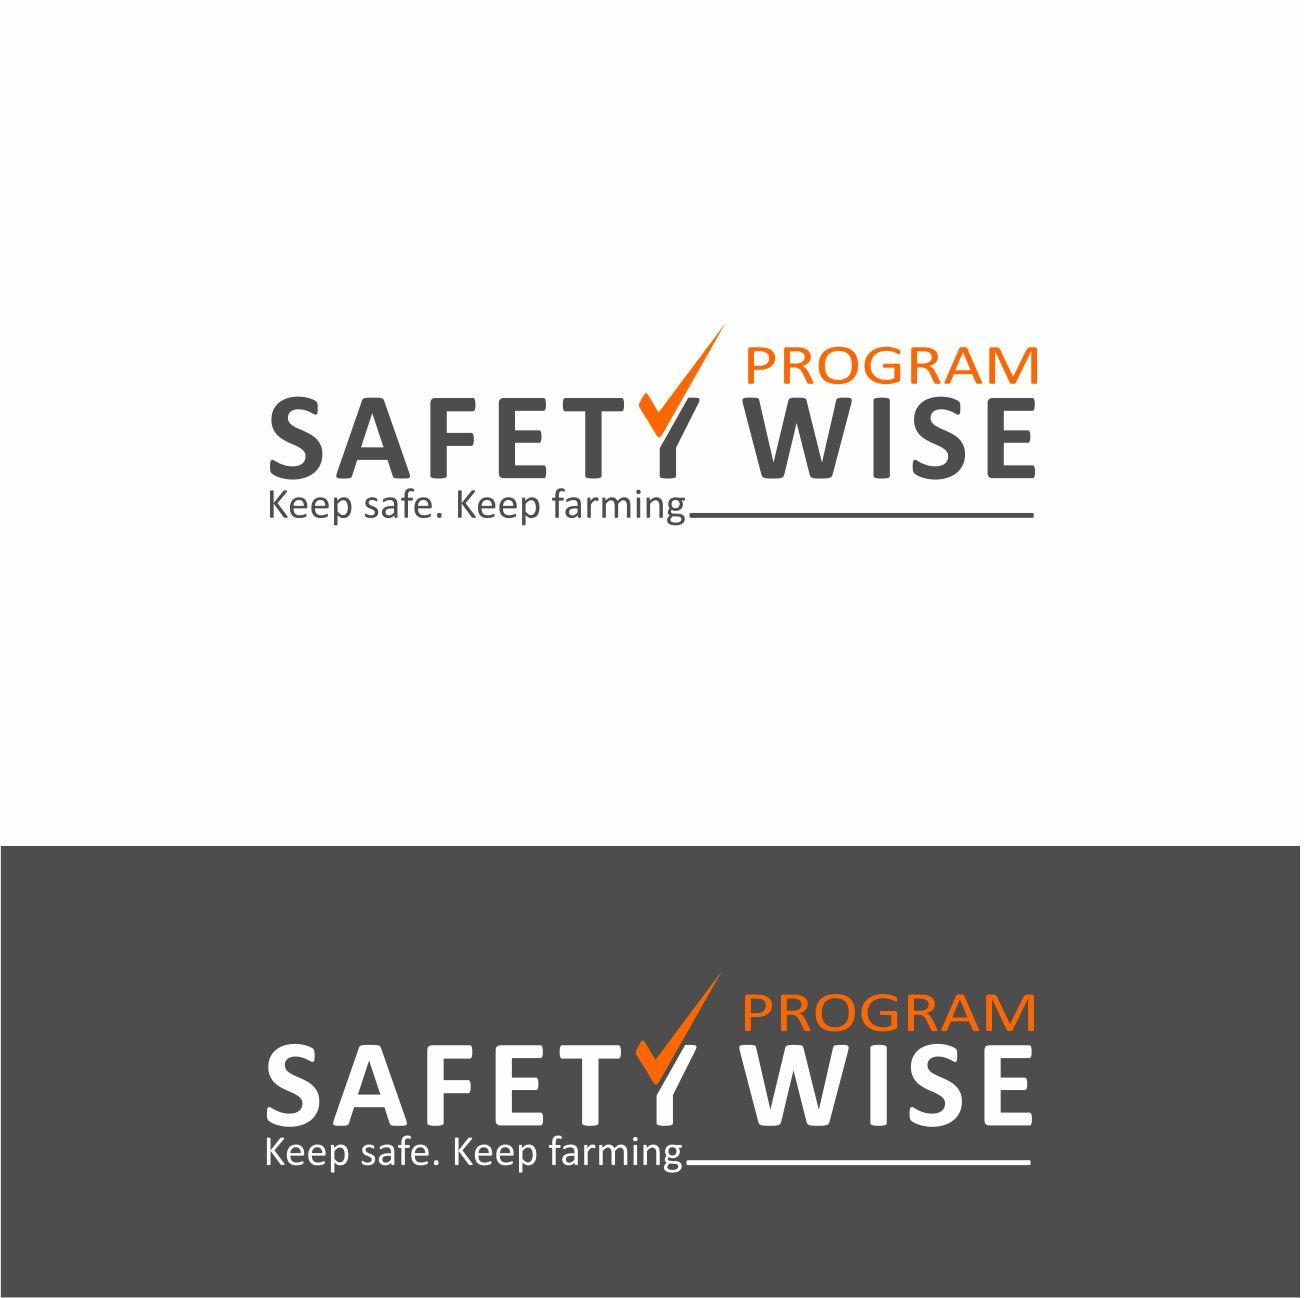 Logo Design by RasYa Muhammad Athaya - Entry No. 156 in the Logo Design Contest New Logo Design for Safety Wise Program.